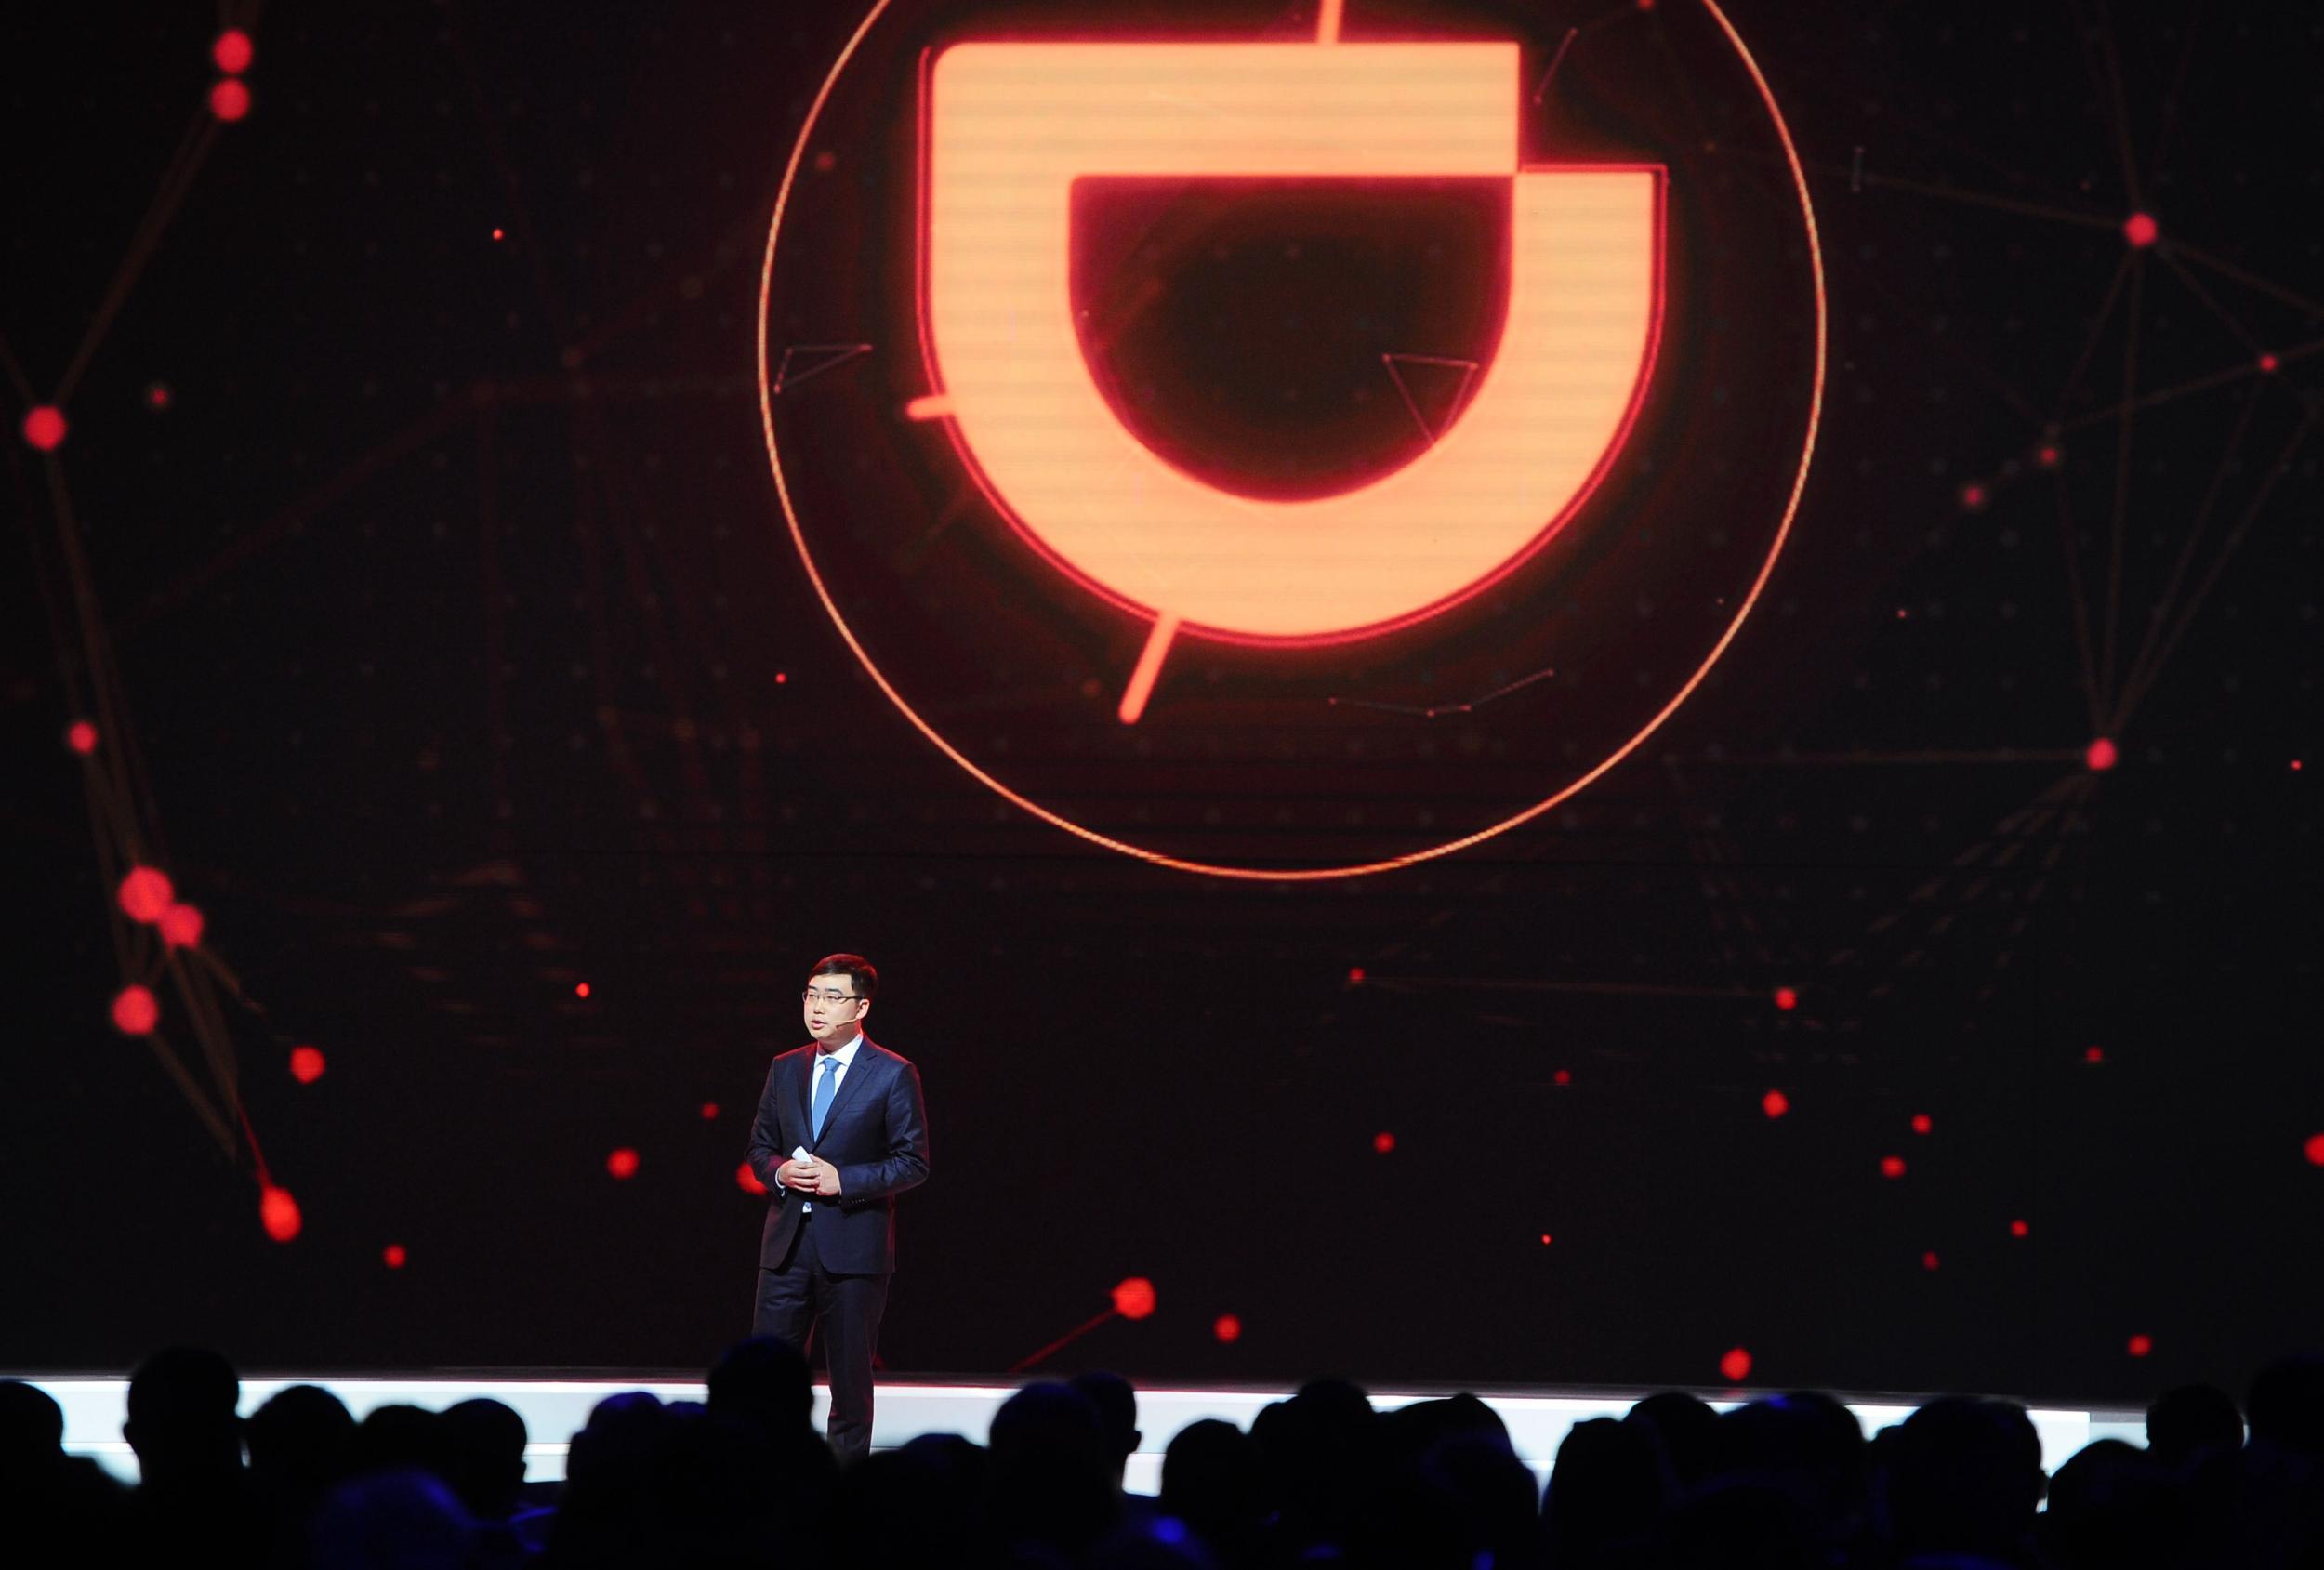 滴滴安全攻坚一年 近2亿用户添加紧急联系人